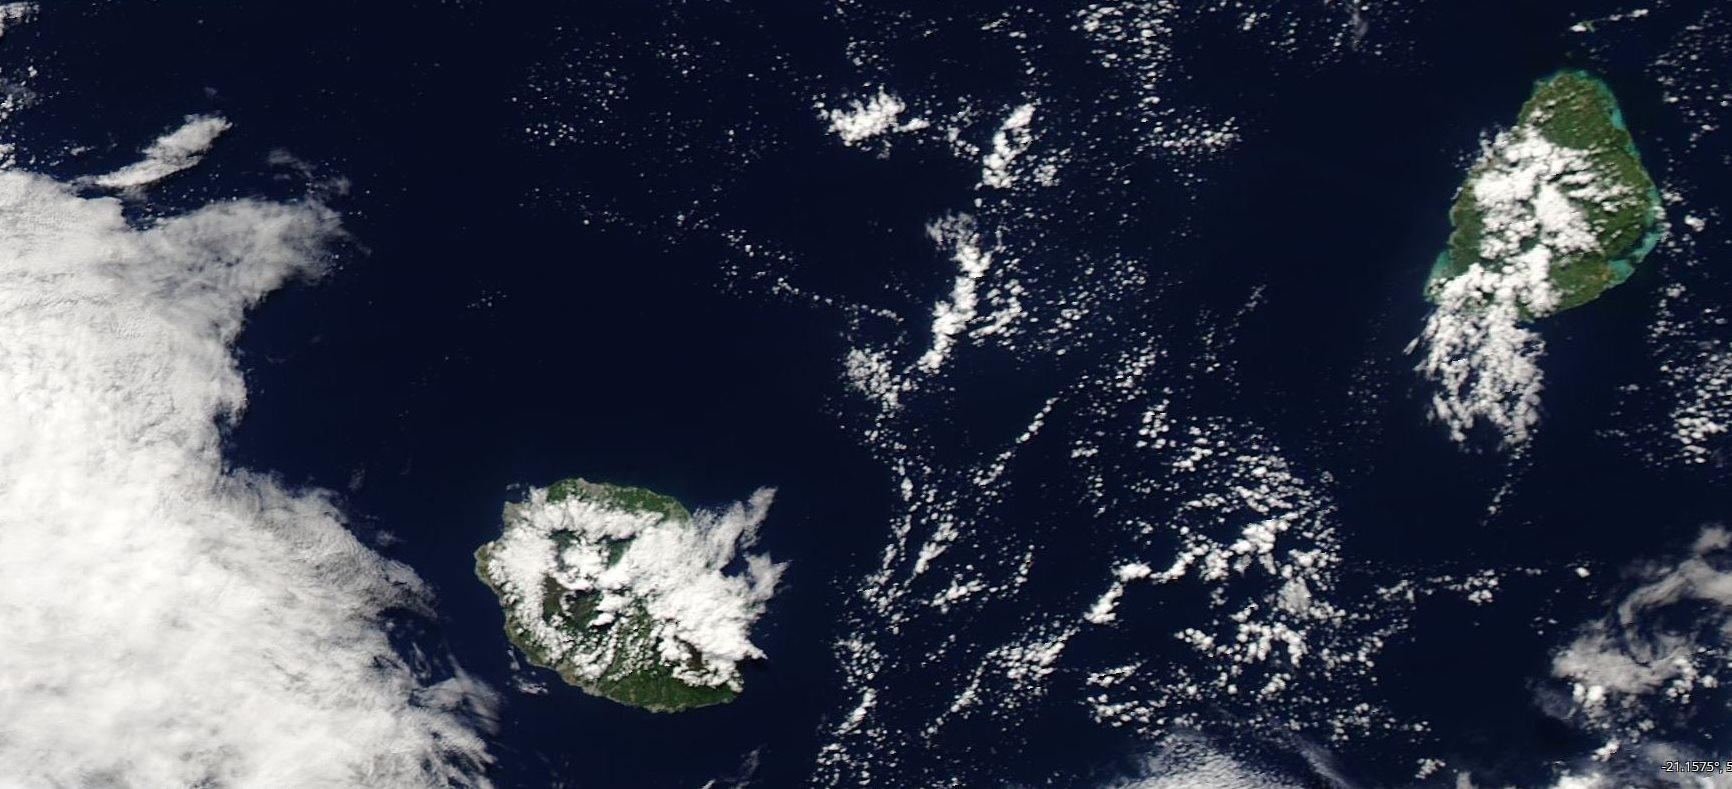 Les Iles Soeurs vues par le satellite Aqua à 14h20 cet après midi. La faible ligne d'instabilité est visible au sud-ouest de la REUNION. Crédit image: NASA